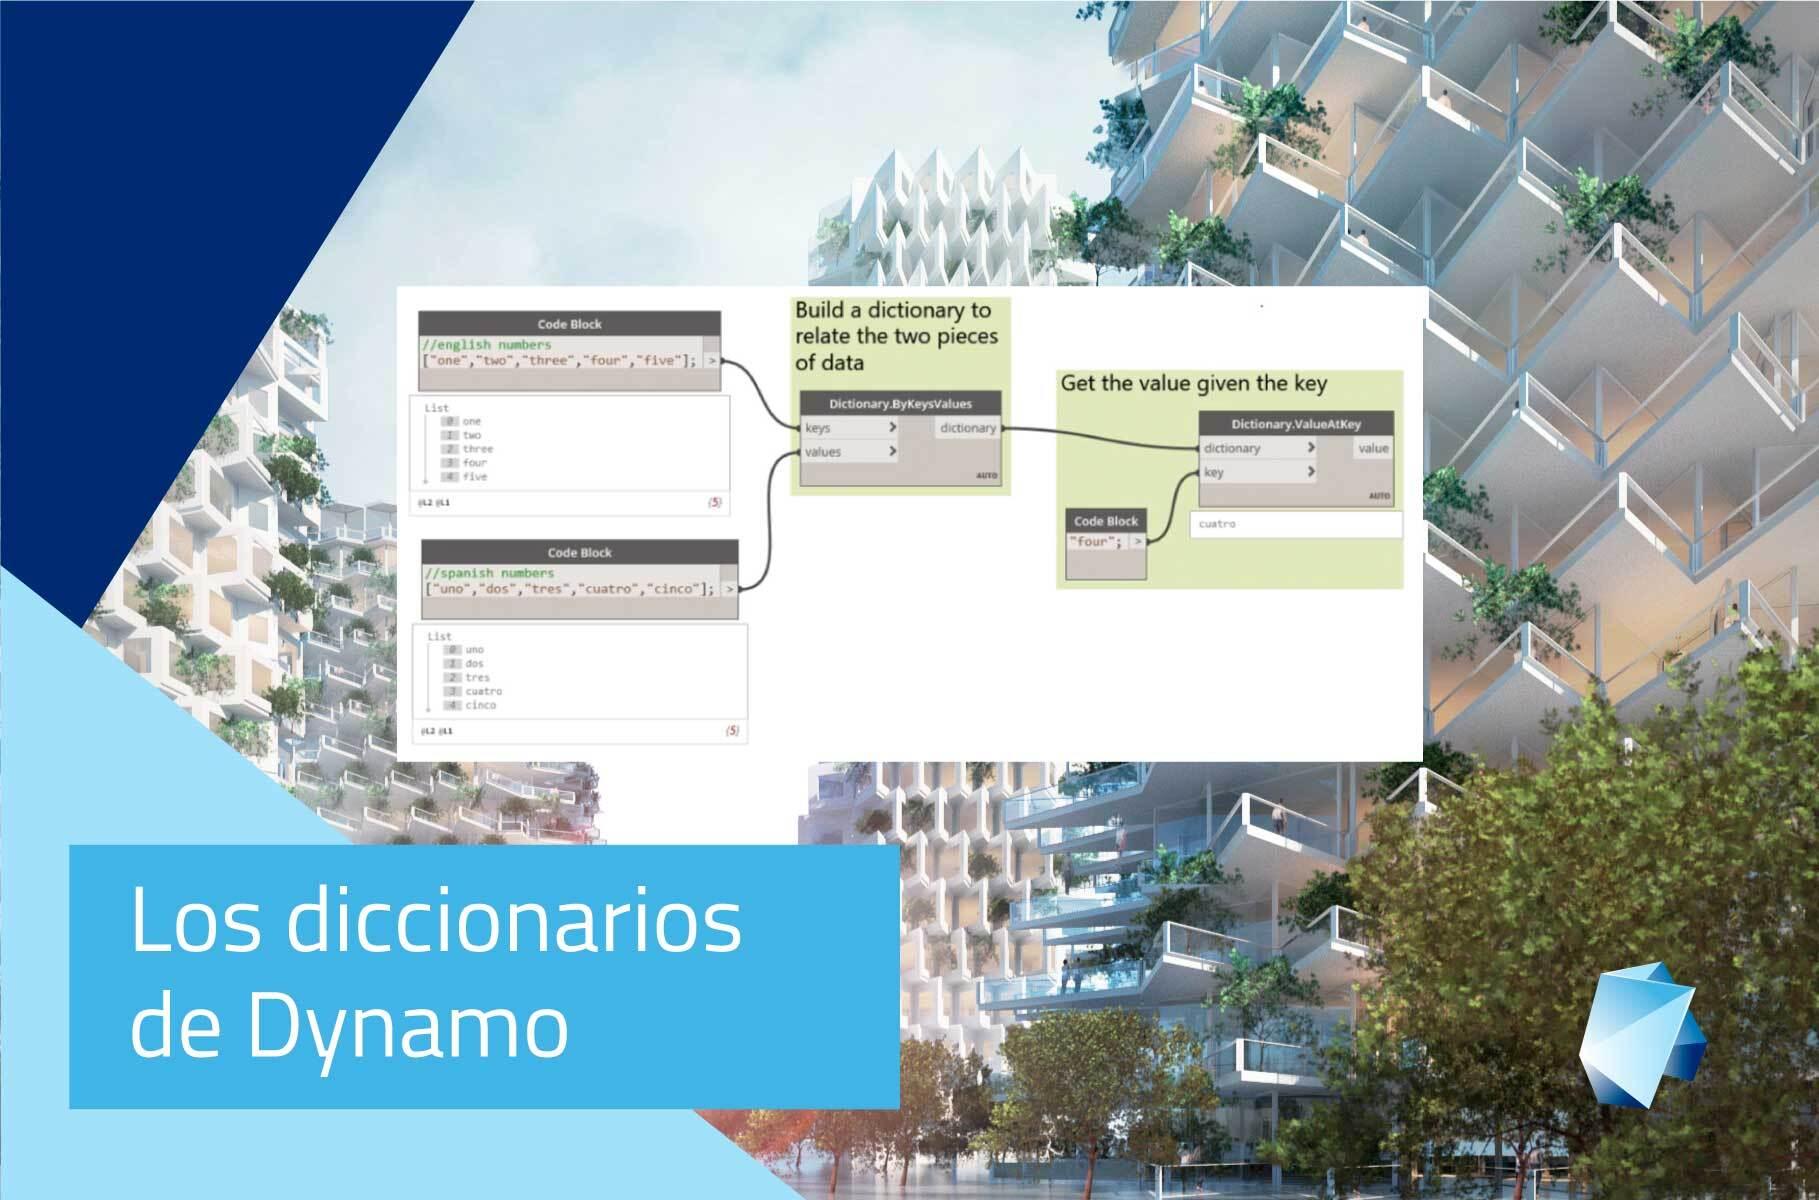 Post-Los-Diccionarios-en-Dynamo-1